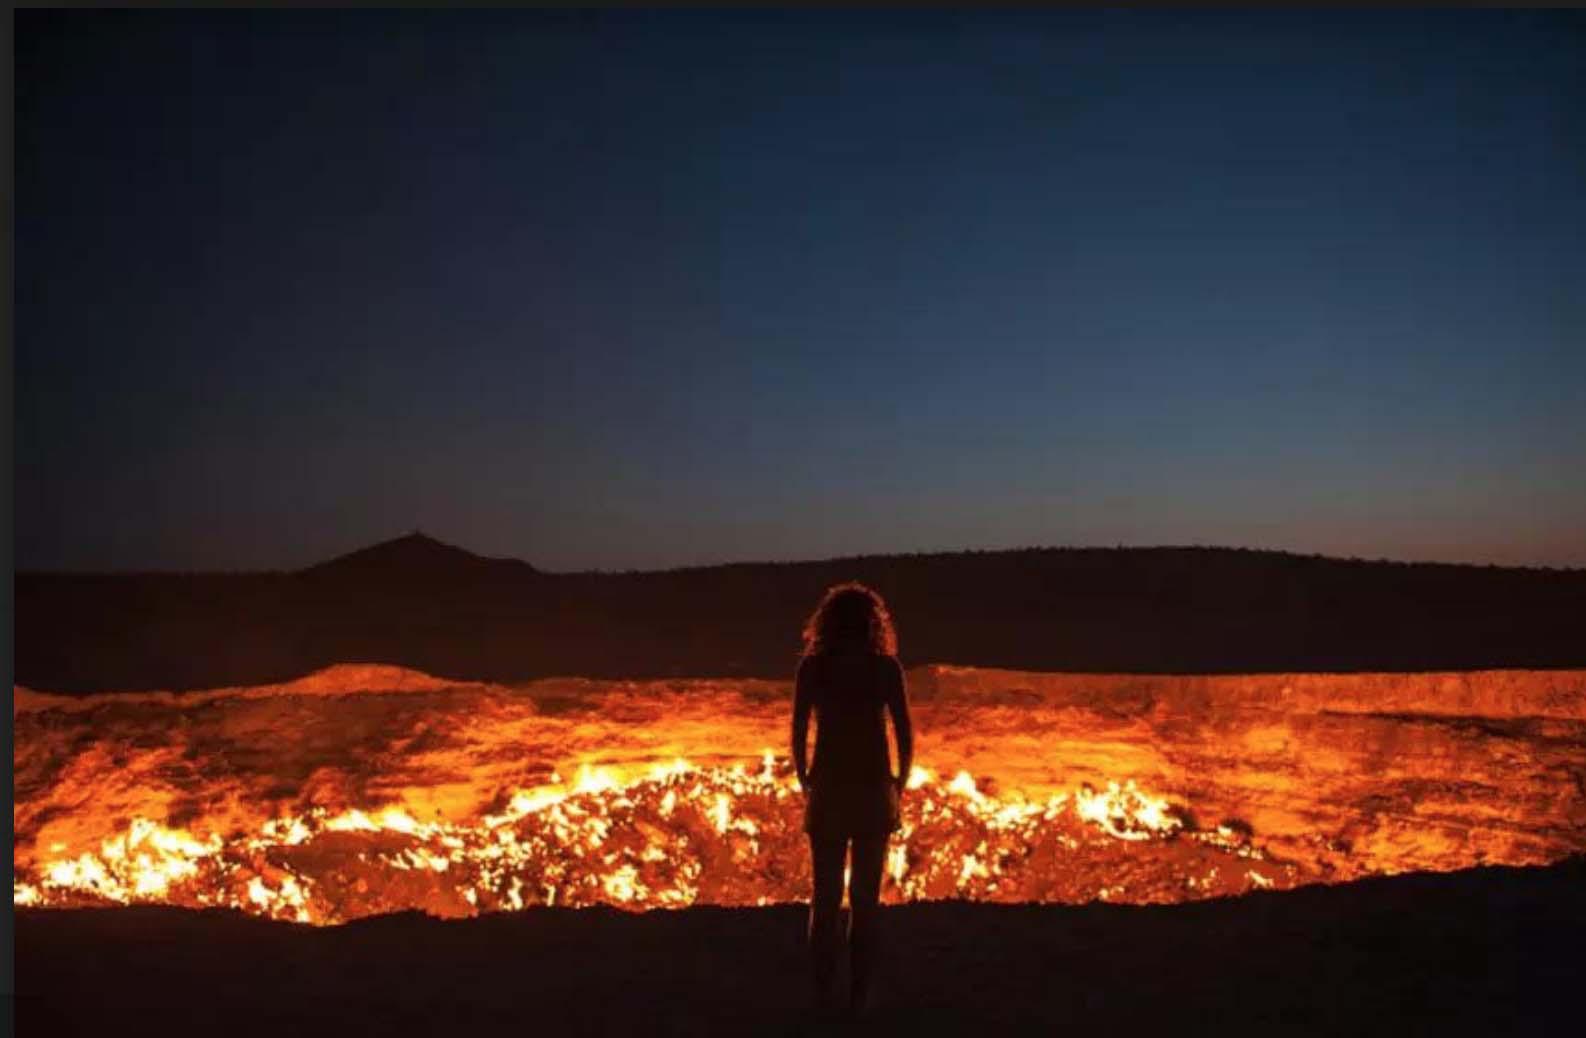 Những địa điểm bí ẩn nhất trên toàn thế giới gây tò mò cho khách du lịch - Ảnh 7.